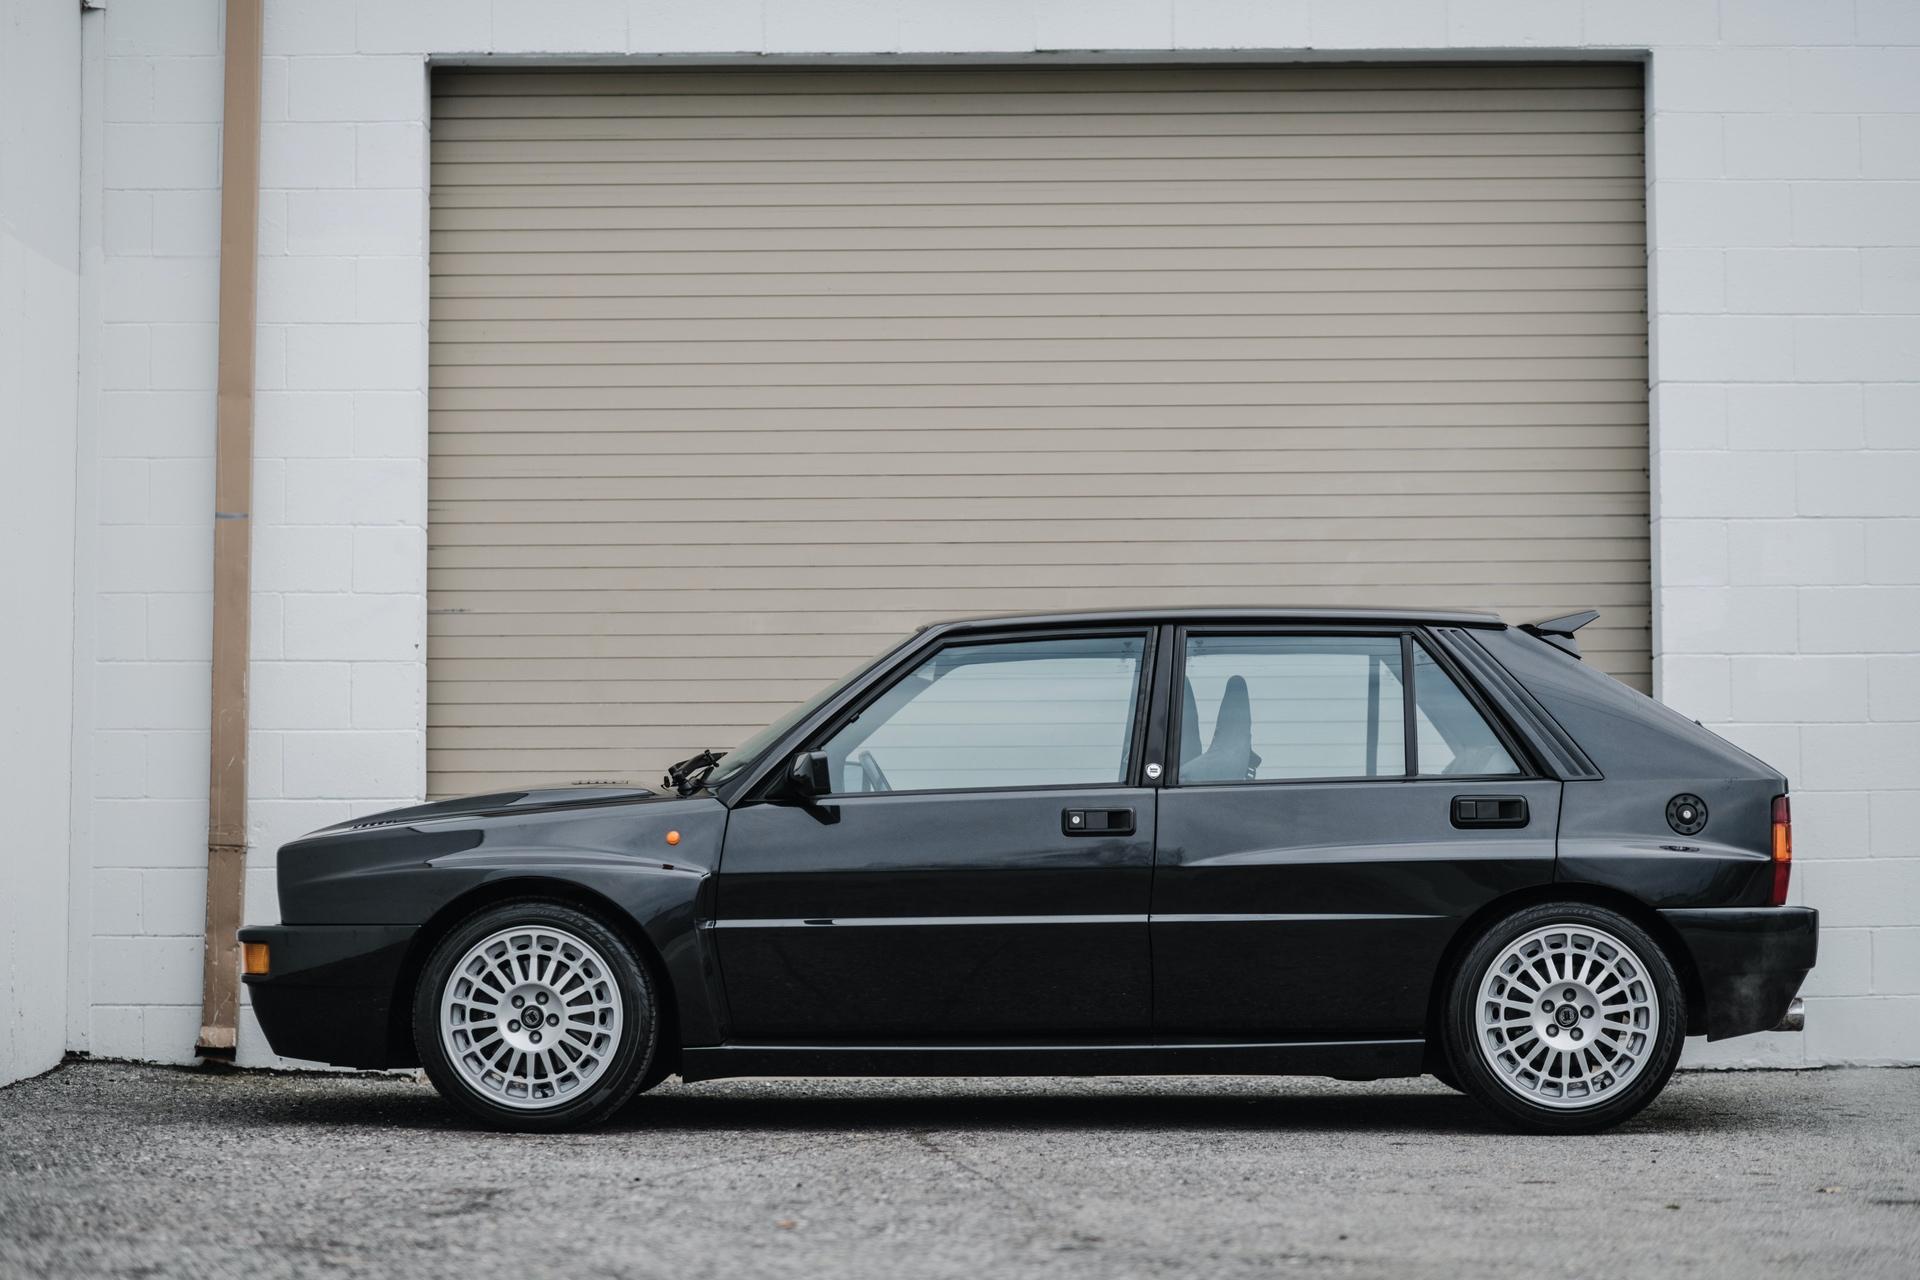 1992-Lancia-Delta-HF-Integrale-Evoluzione-_5